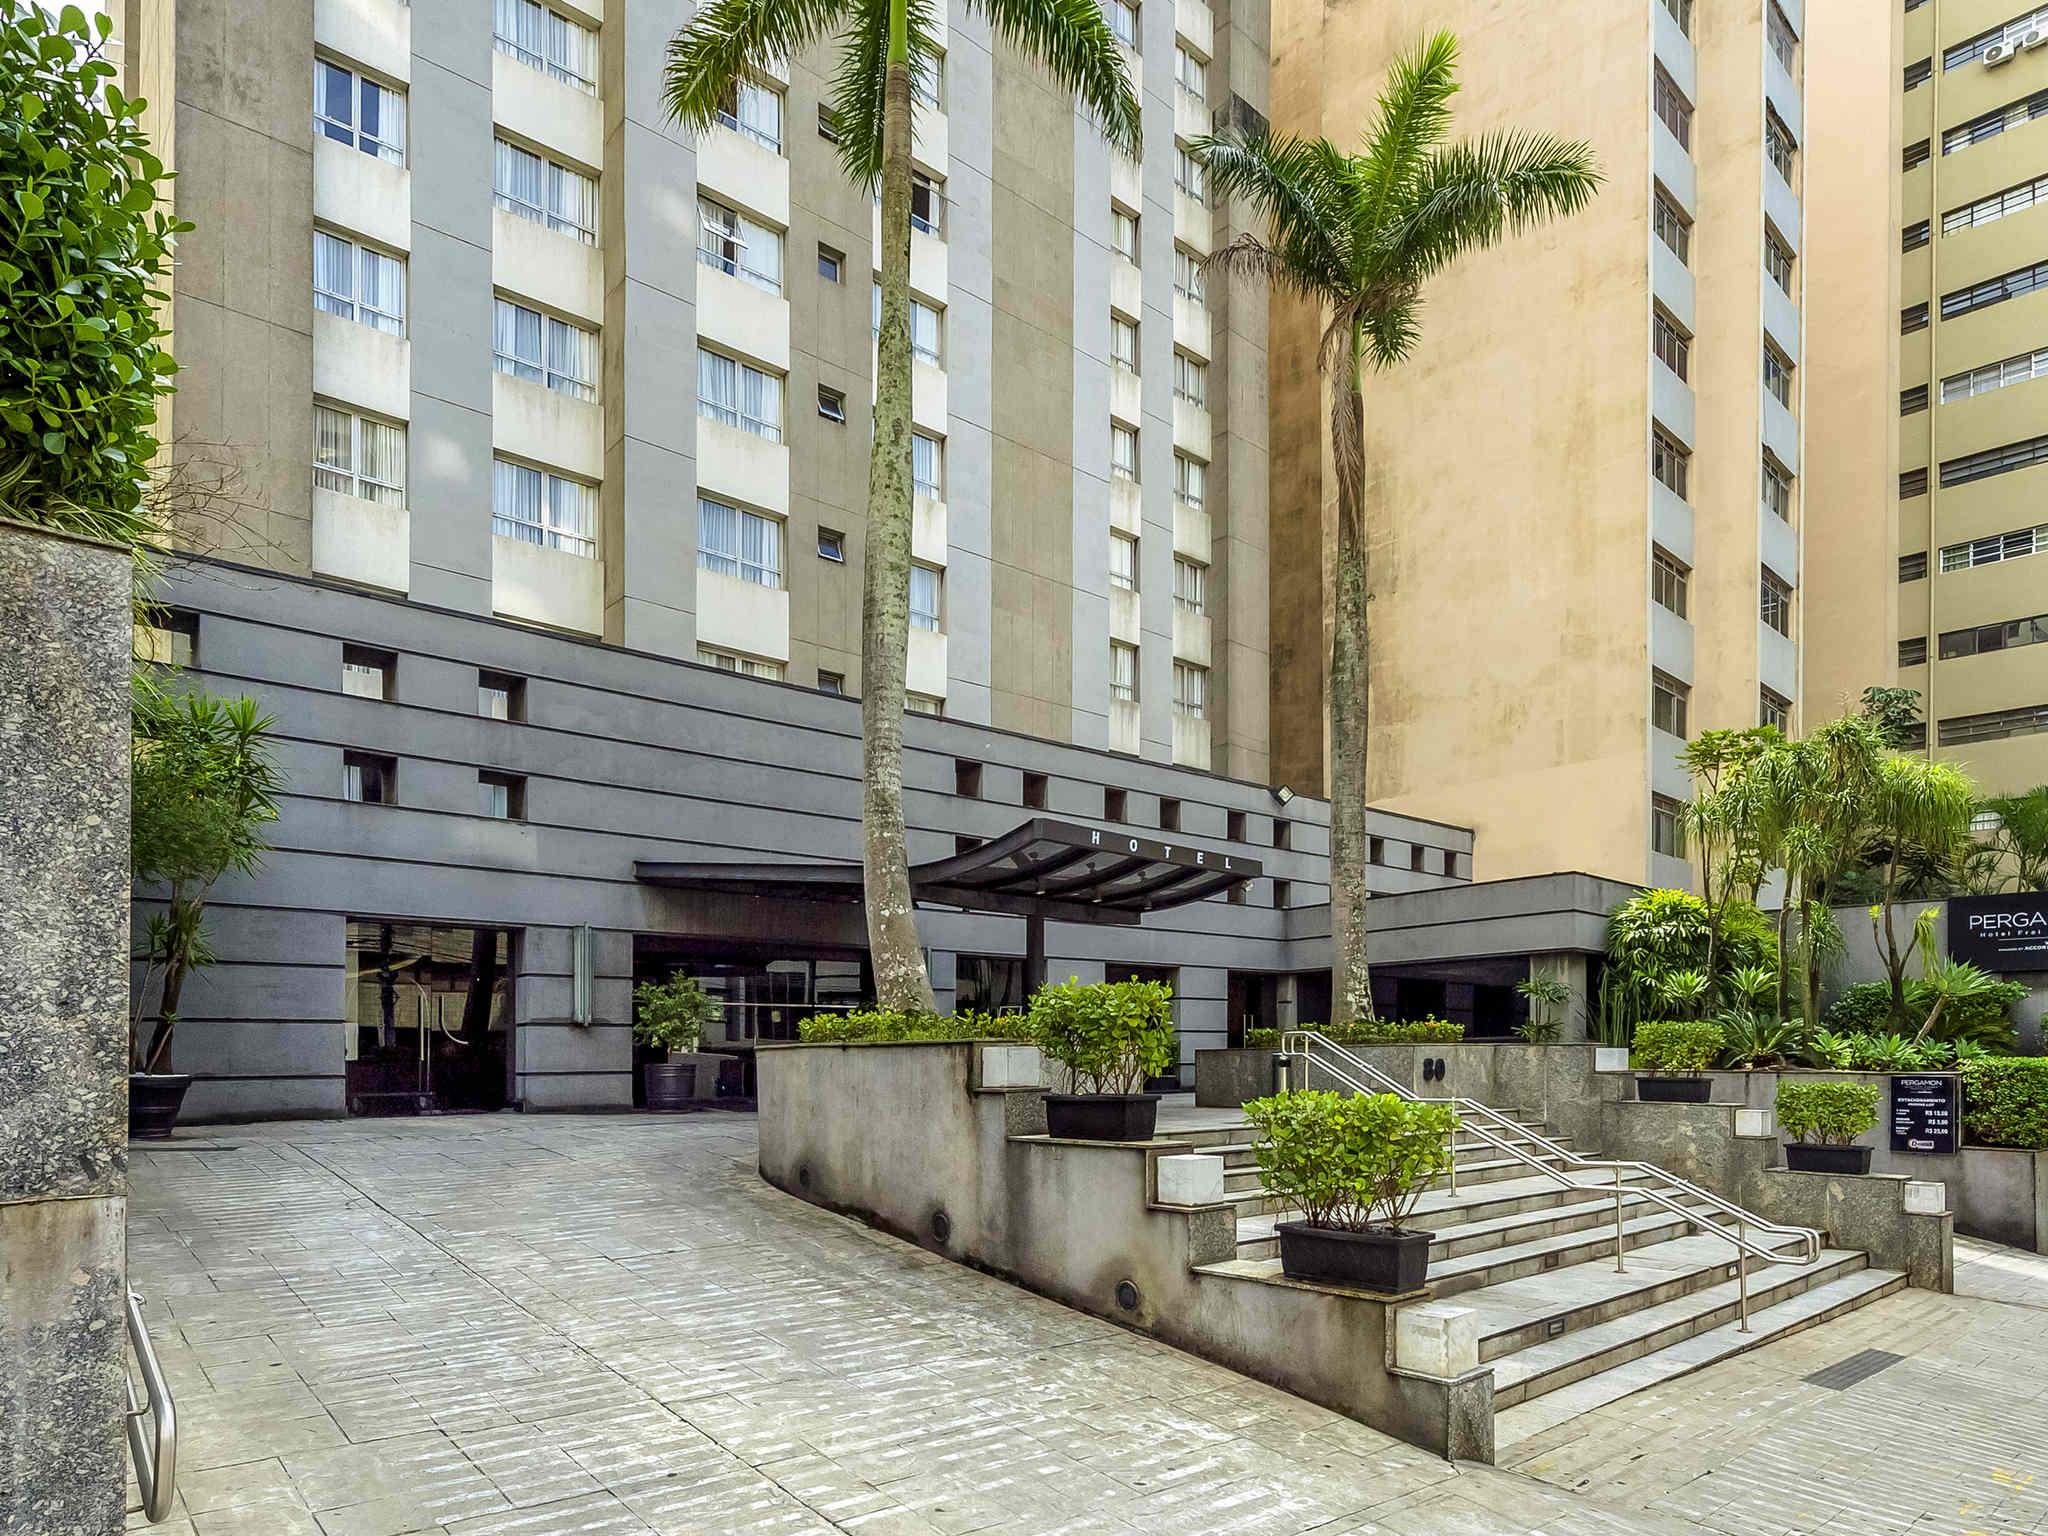 Hotel – Pergamon Hotel Frei Caneca Managed by AccorHotels